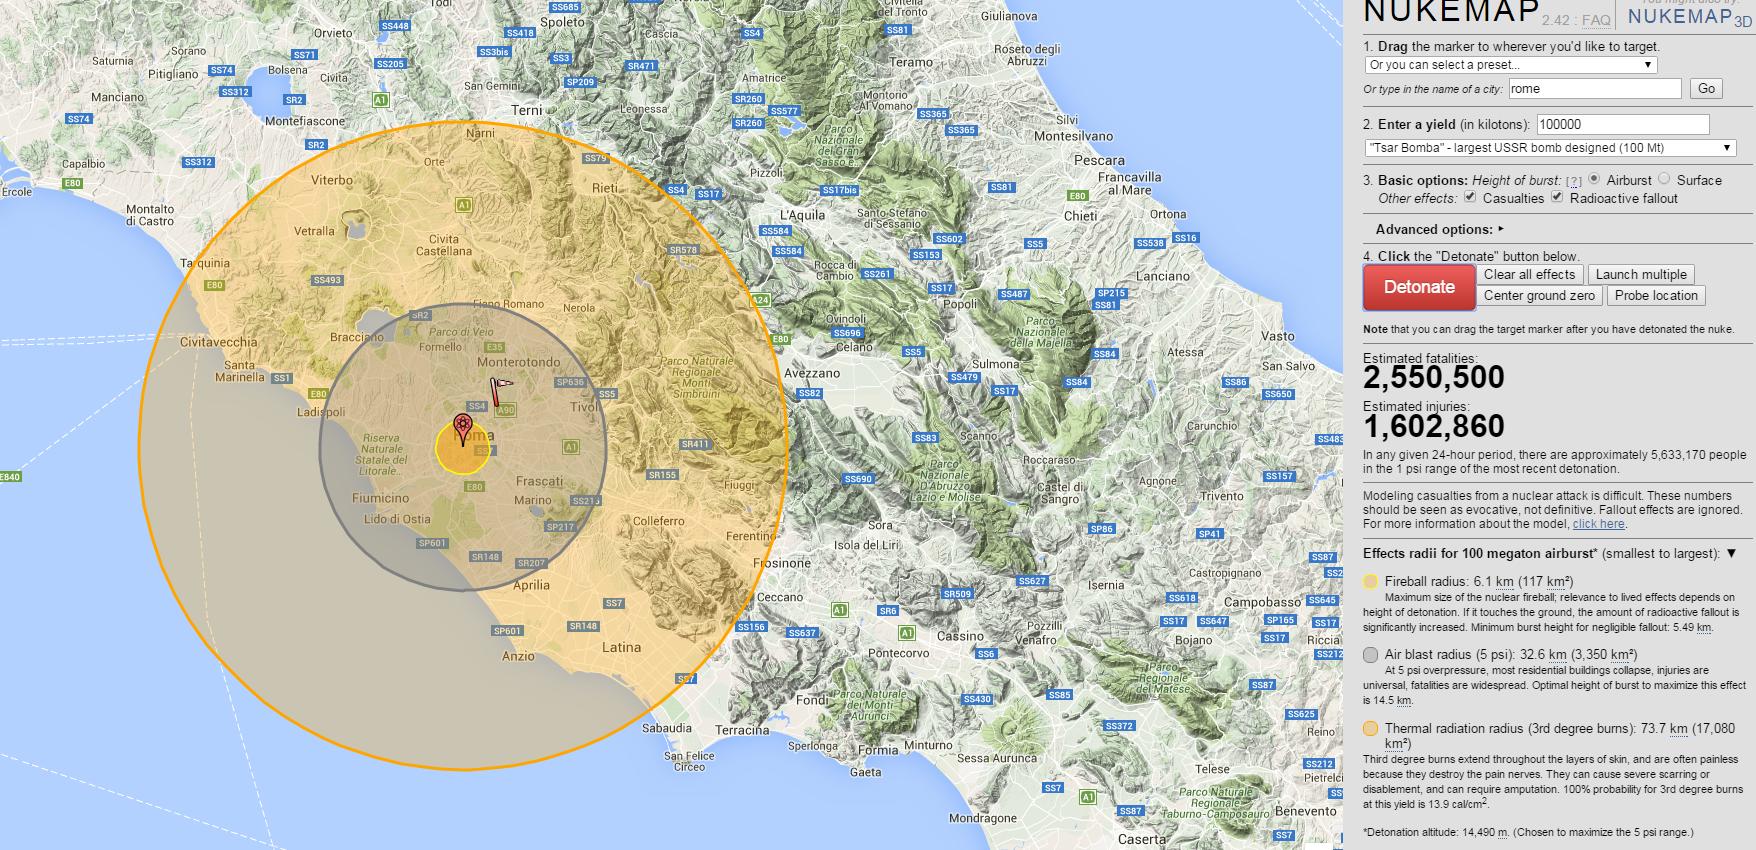 nukemap simulatore esplosioni bombe atomiche - 3